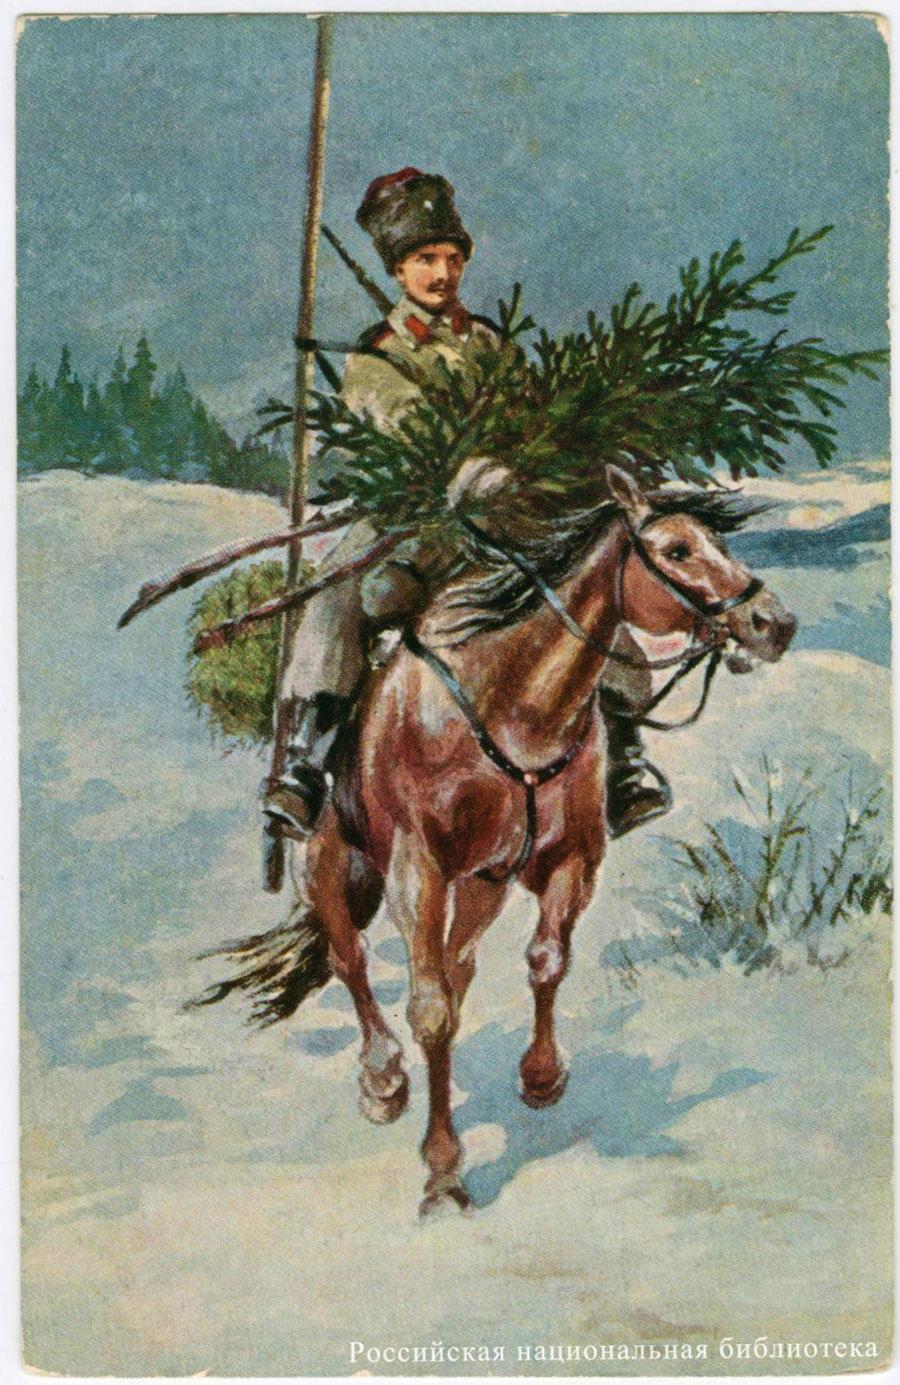 Пожелание с новым годом воинам